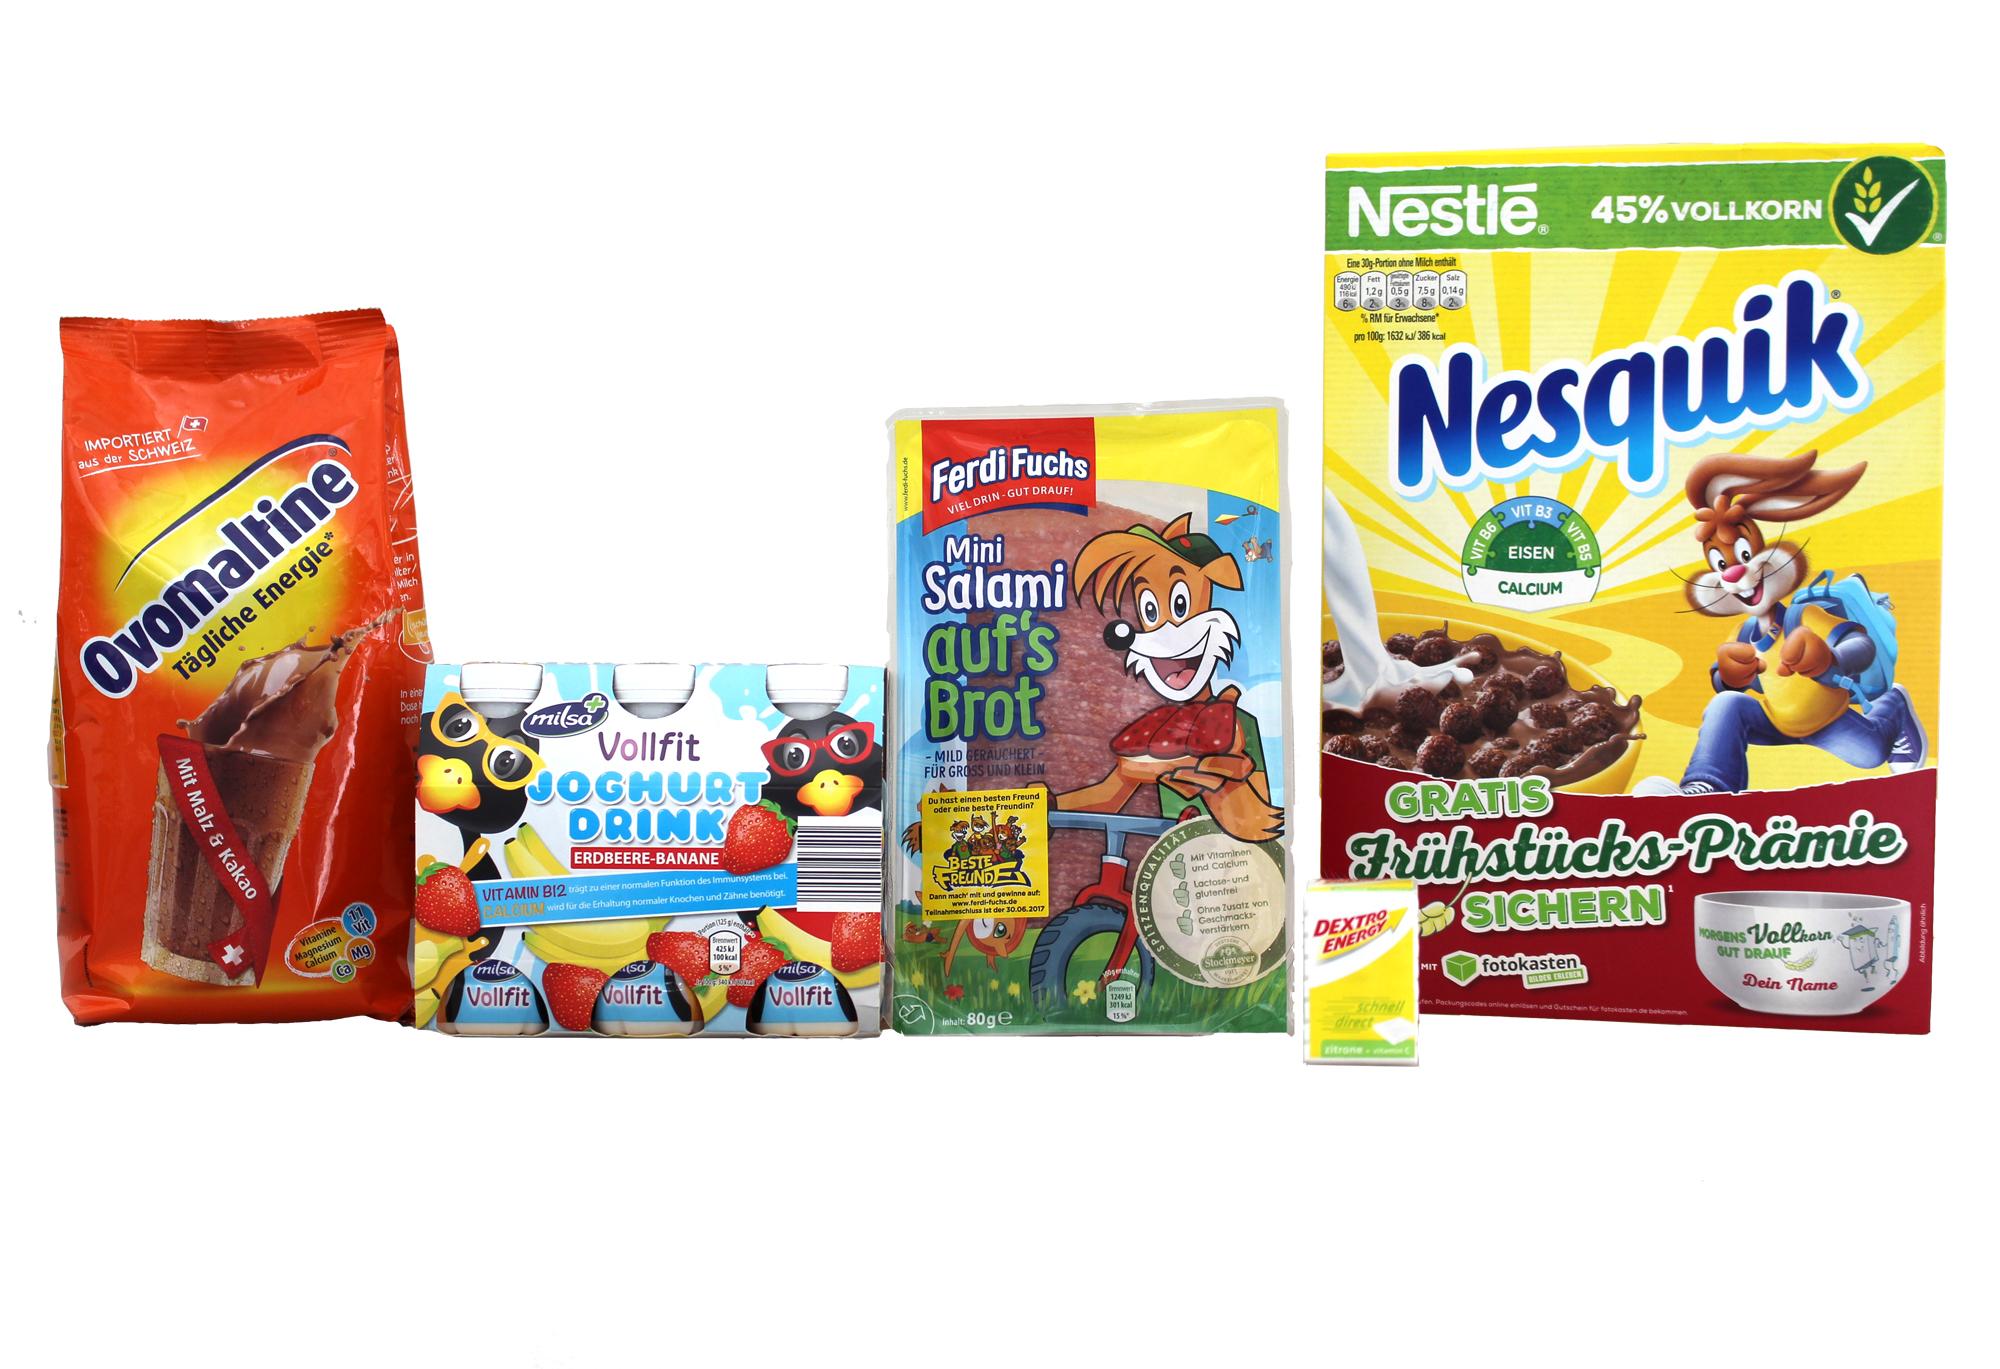 Foodwatch fordert Nestlé, Aldi Nord & Co auf Gesundheits-Werbelügen ...